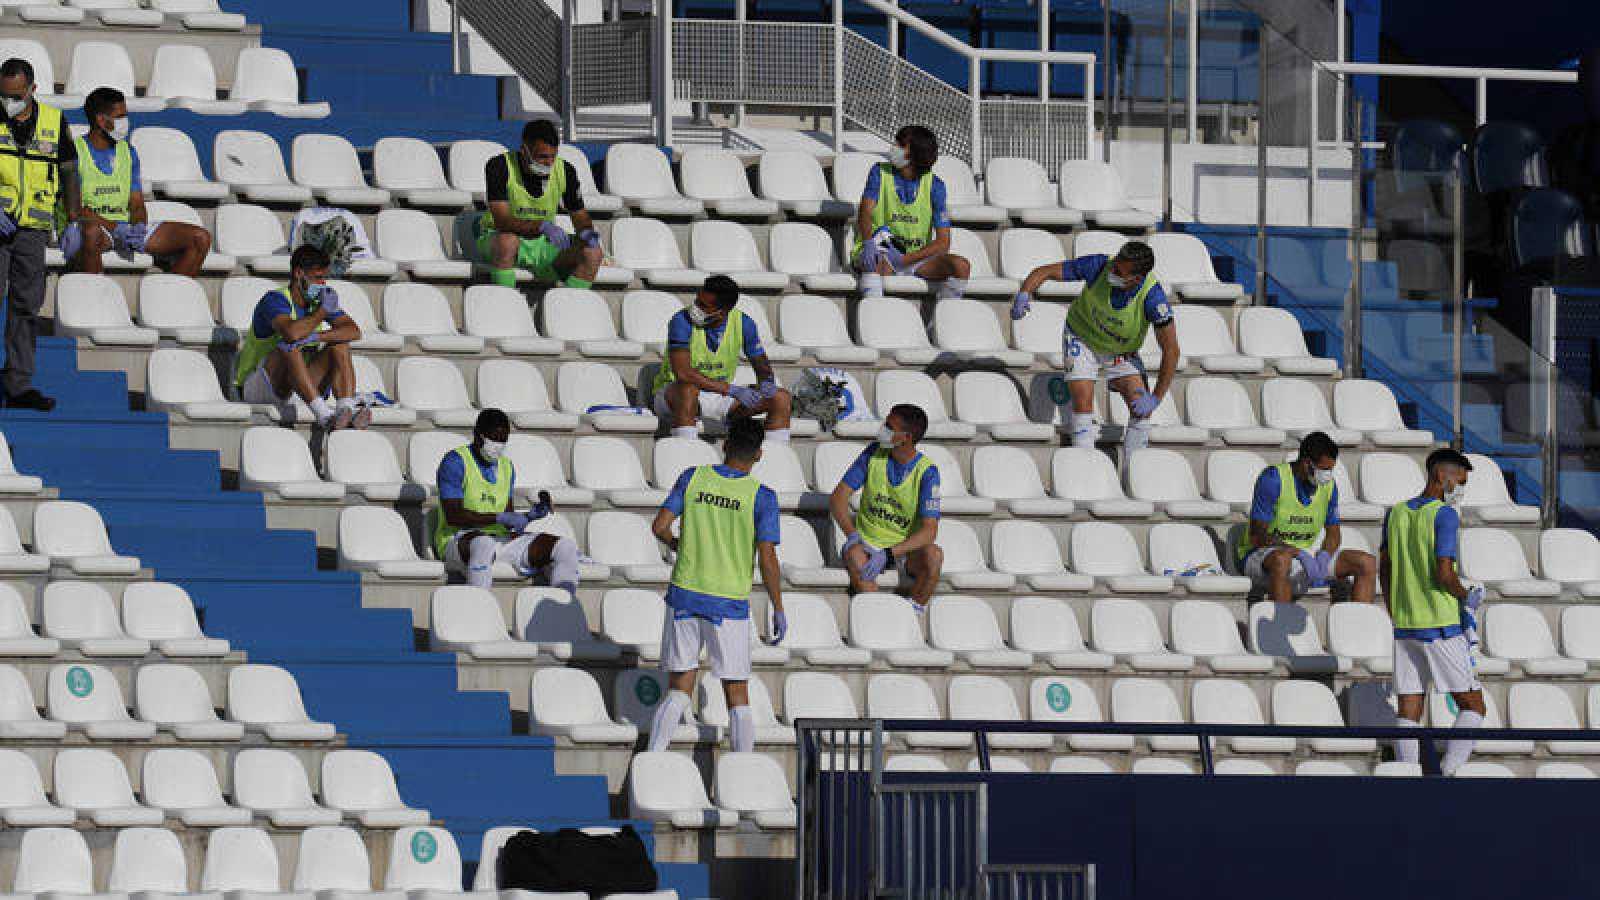 Jugadores suplentes en la grada del estadio del Leganés